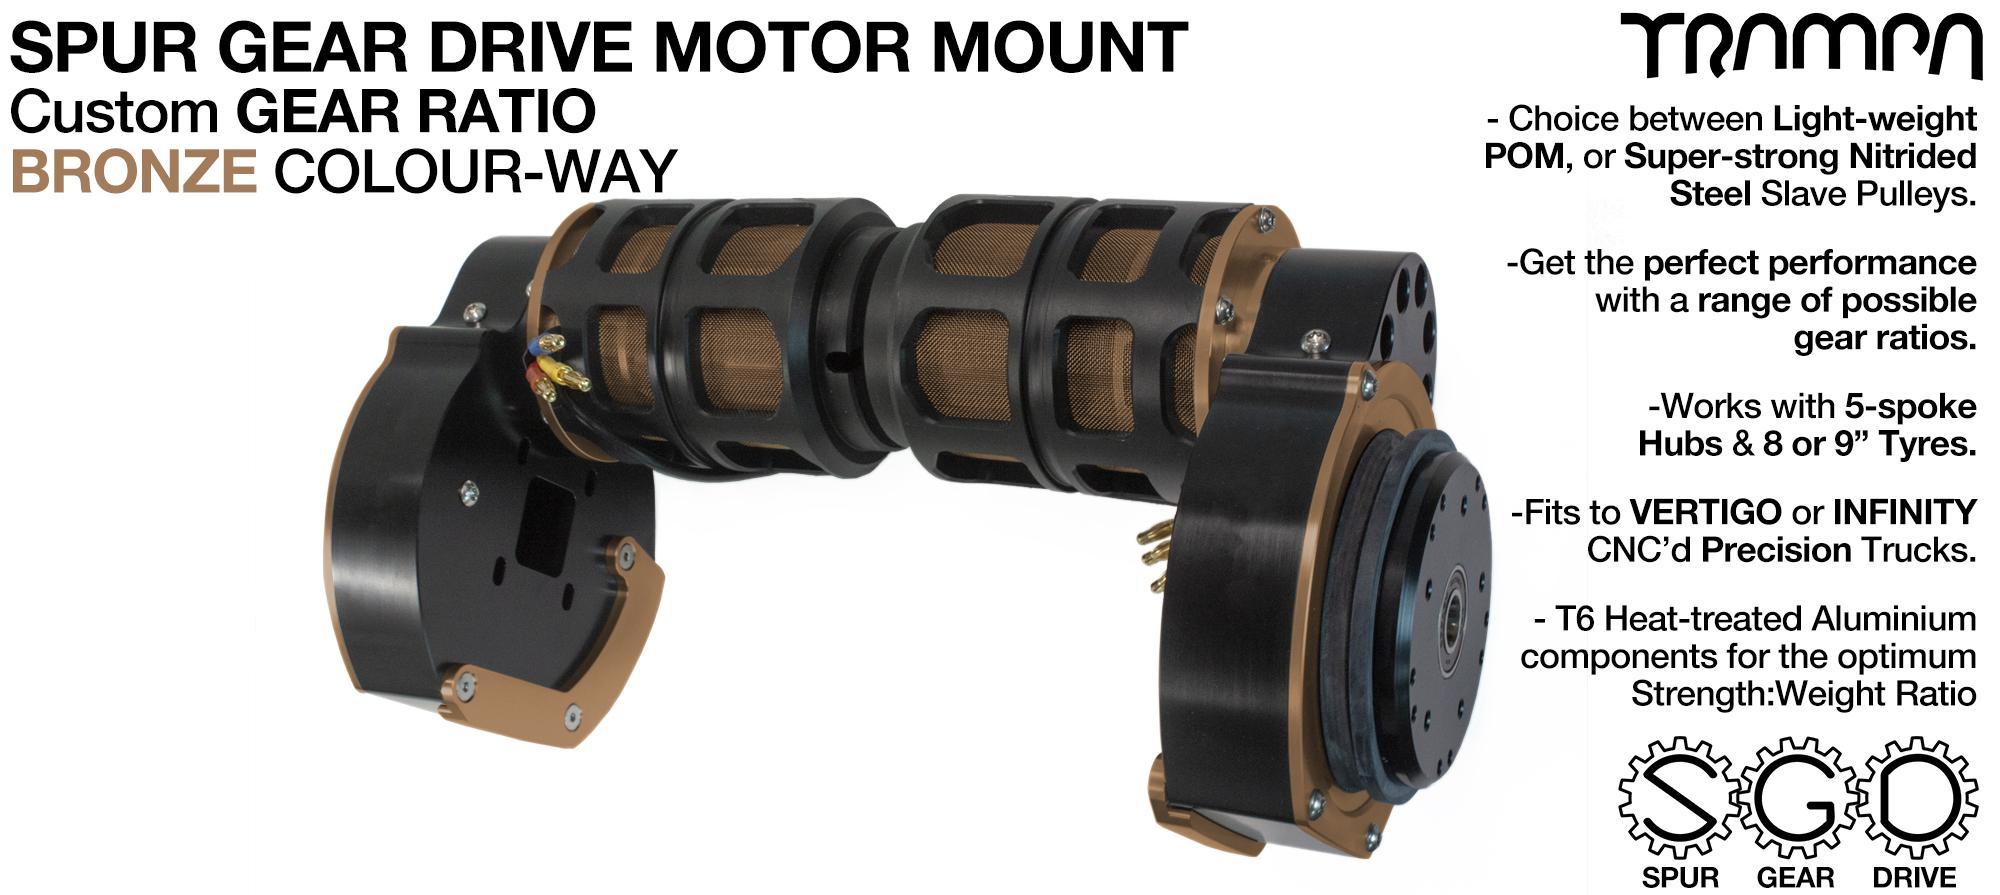 Mountainboard Spur Gear Drive TWIN Motor Mount - BRONZE